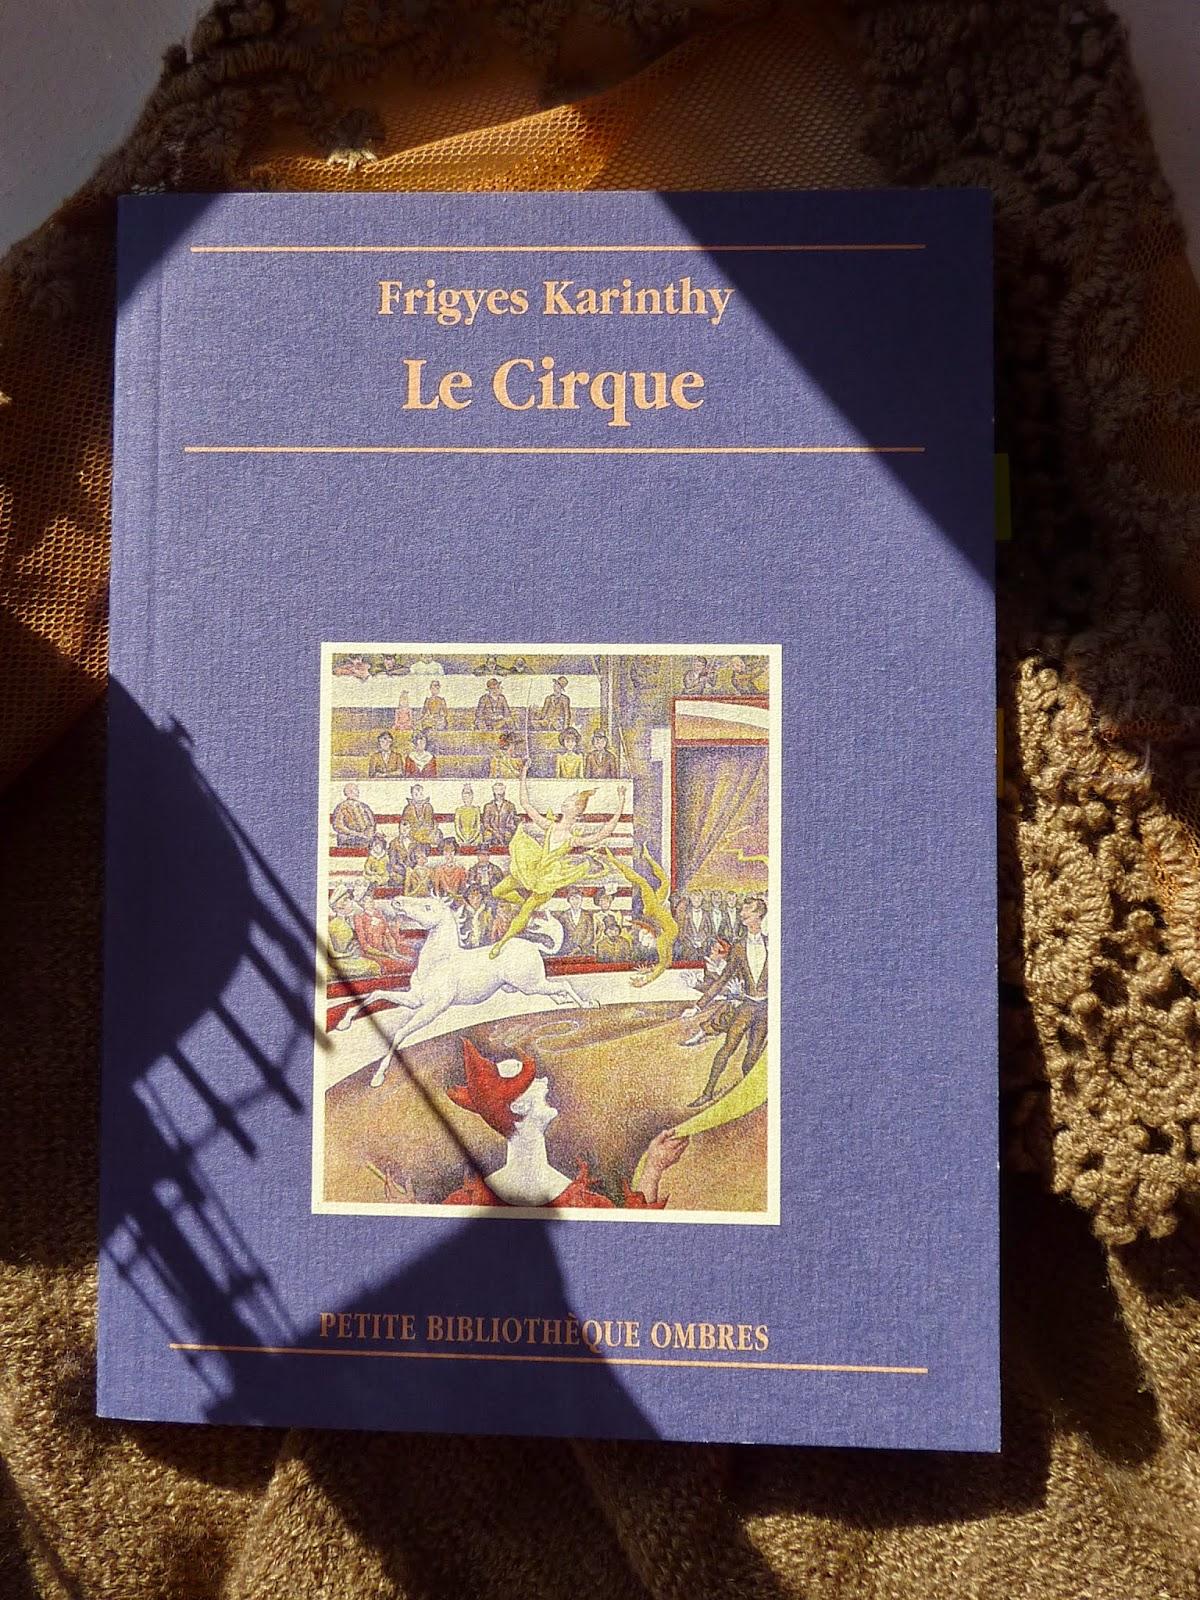 Le cirque - Frigyes Karinthy